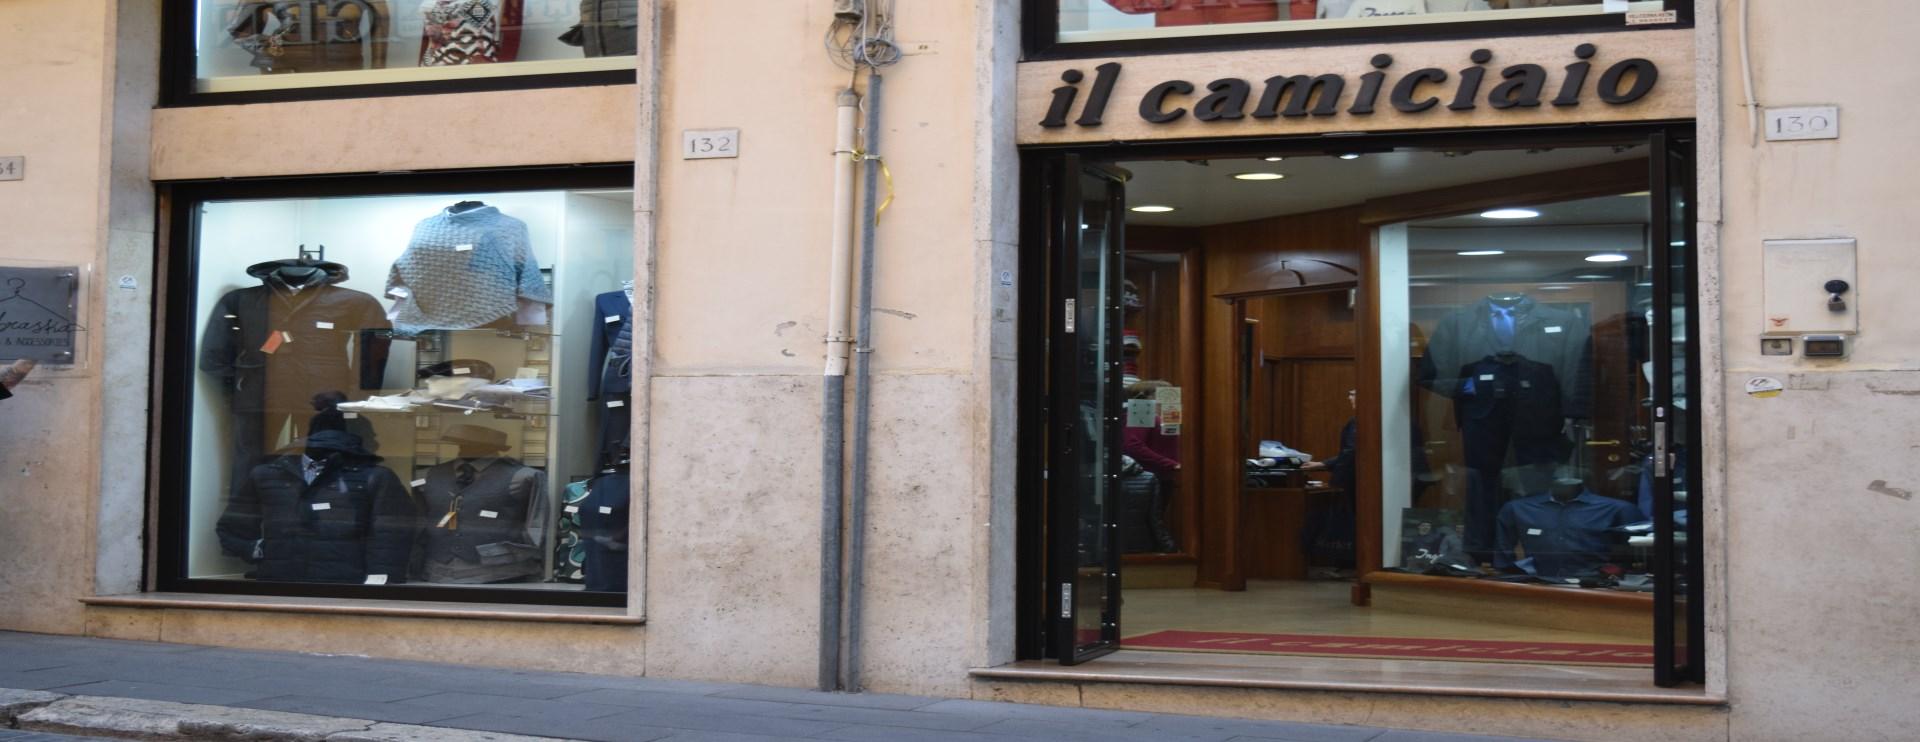 camiciaio_velletri_1